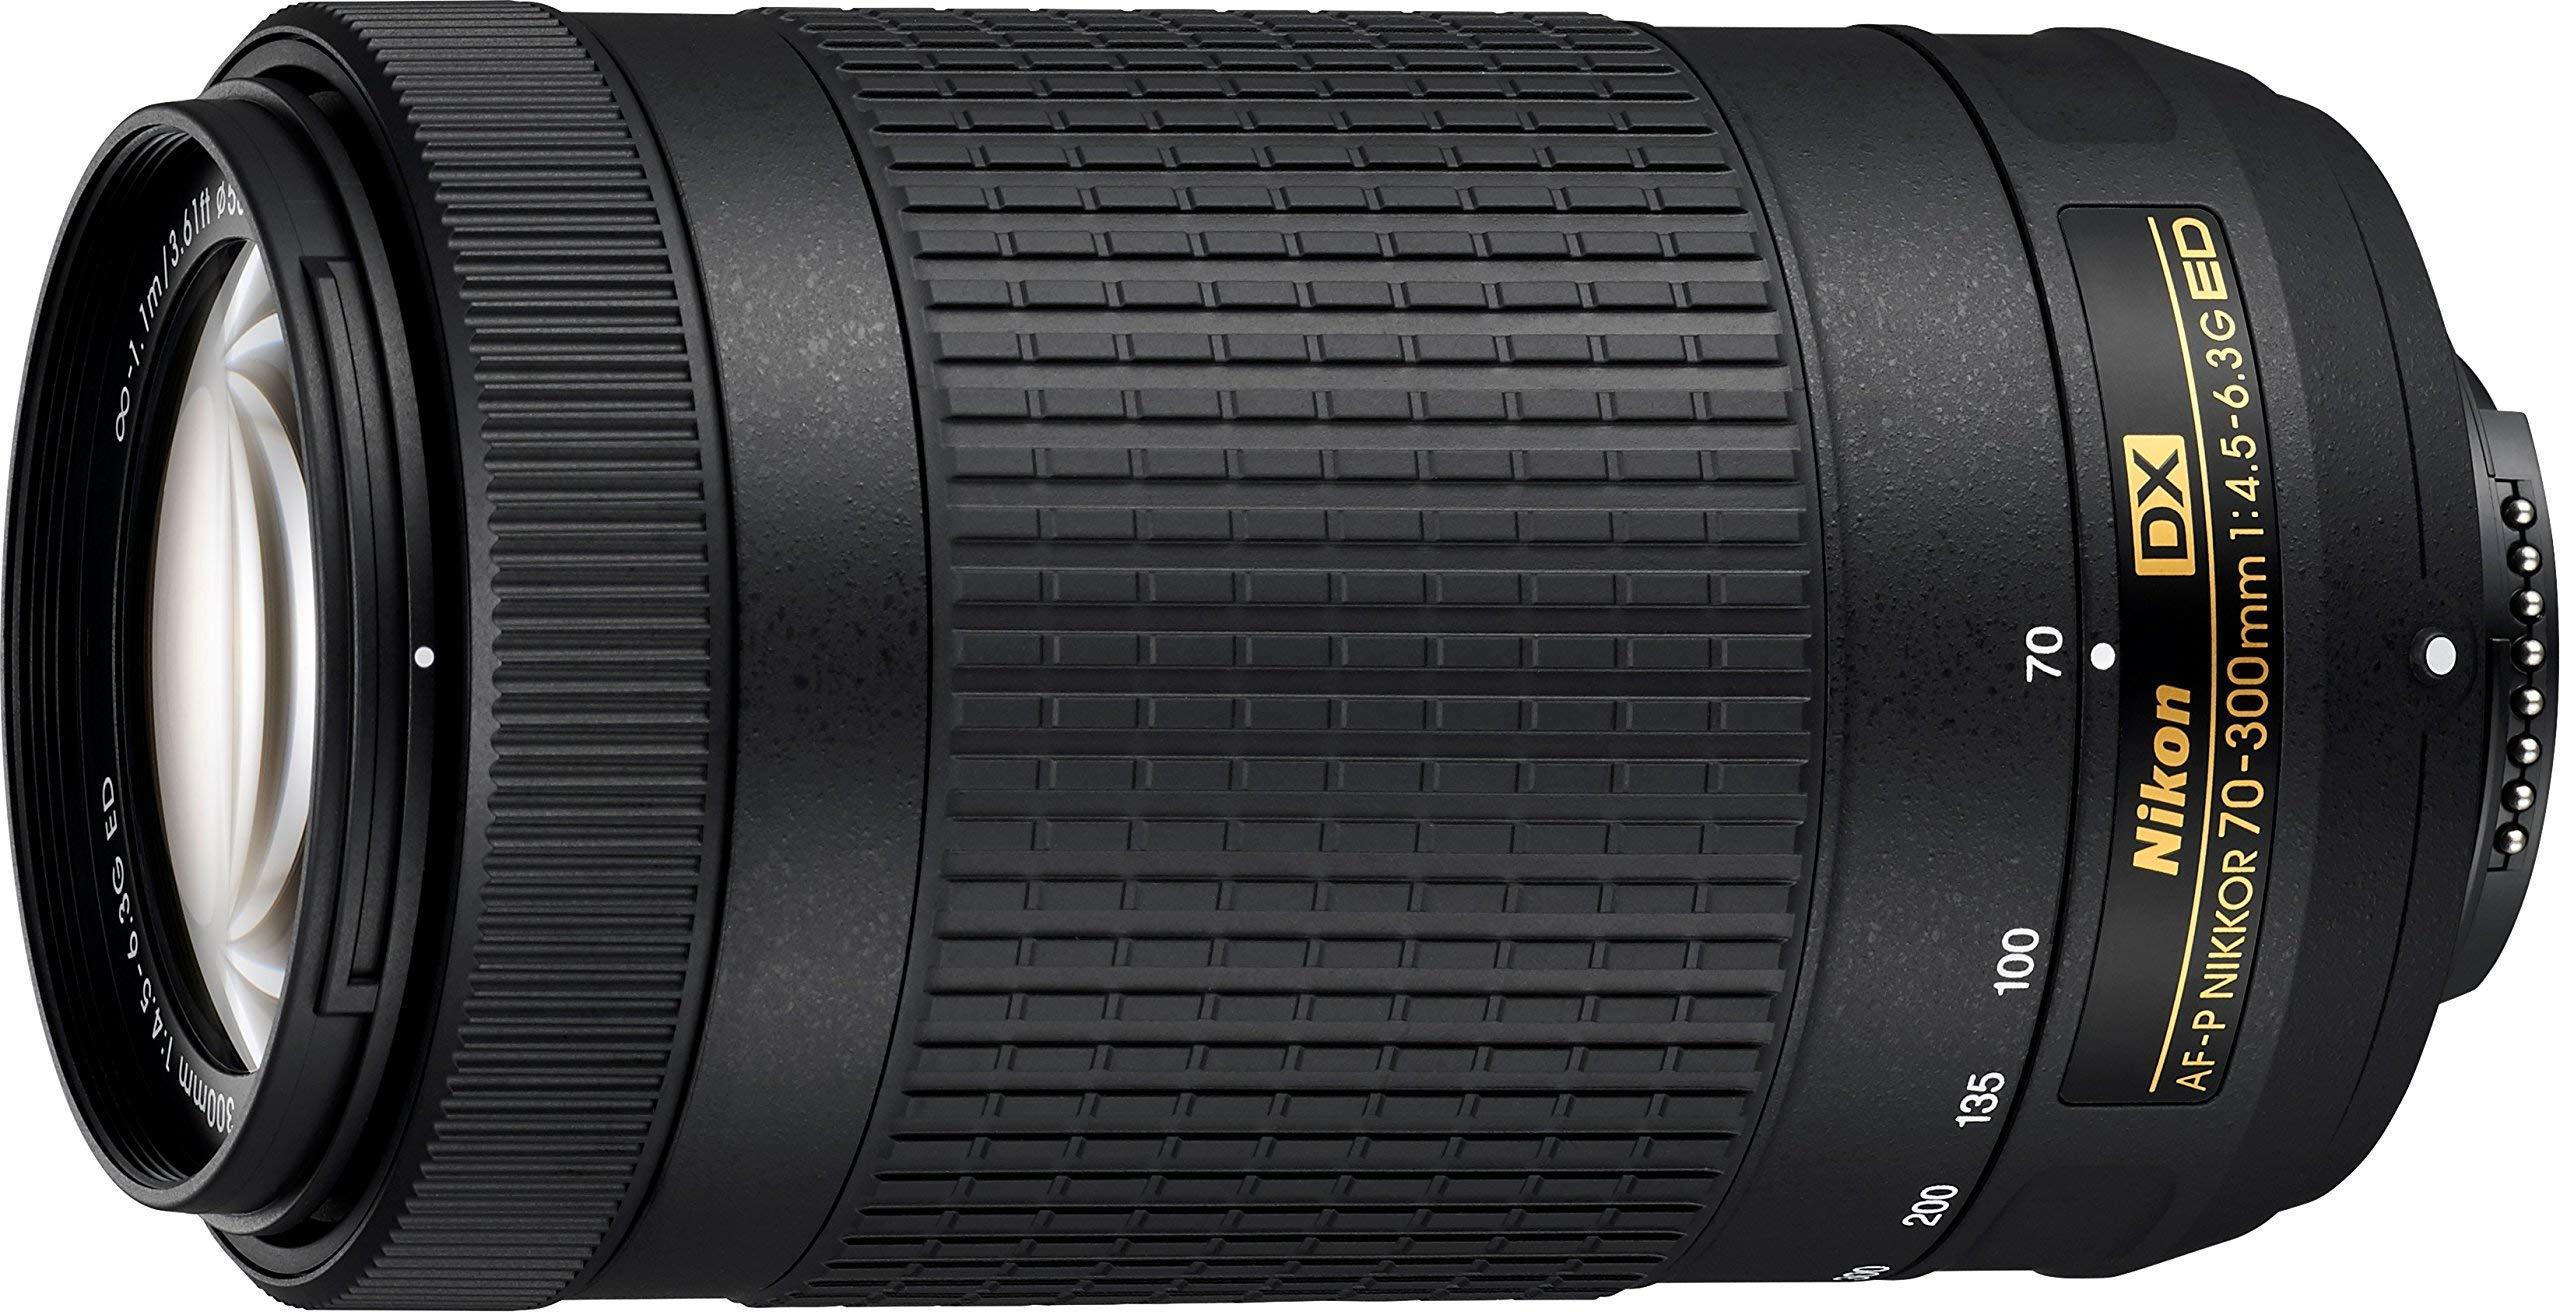 Nikon AF-P DX NIKKOR 70-300mm f/4.5-6.3G ED Lens for Nikon DSLR Cameras, Model 20061 (Renewed) by Nikon